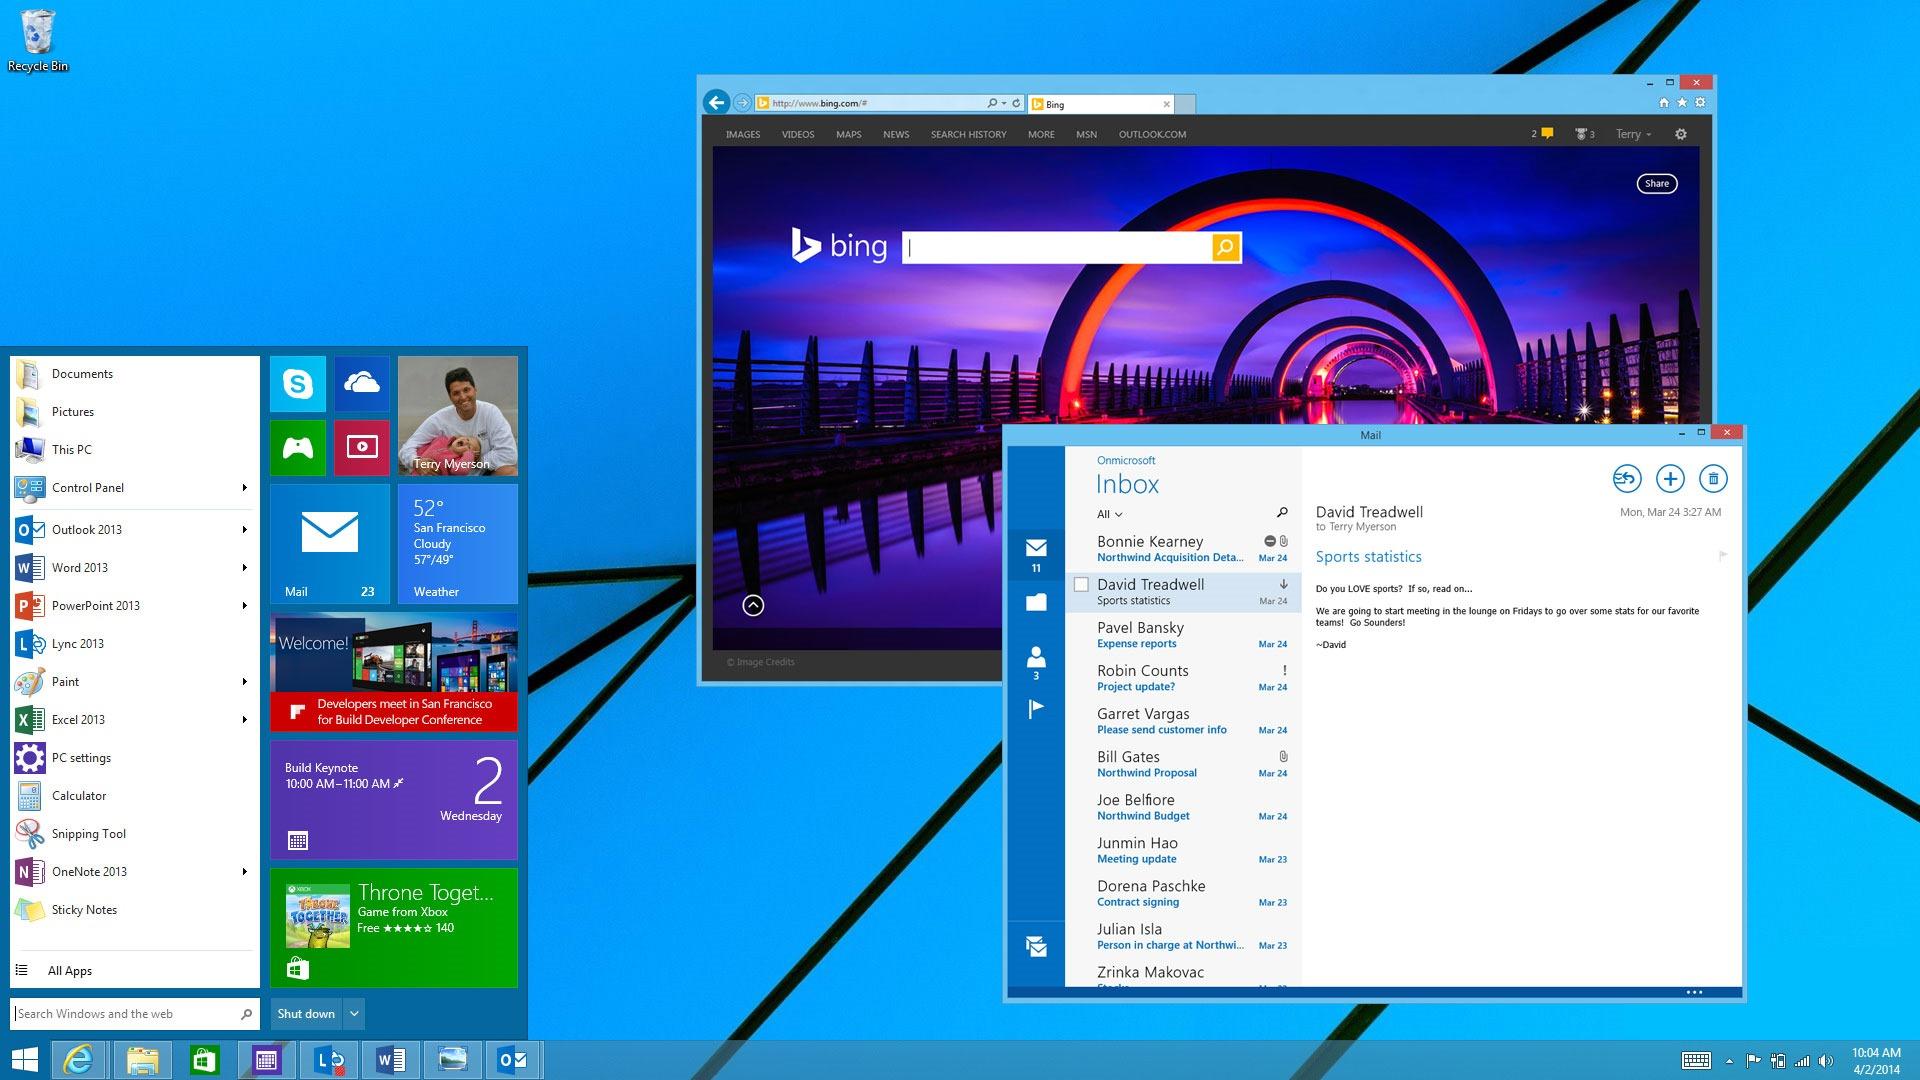 Windows 8.1 with Bing ist für OEM-Hersteller kostenlos, allerdings nutzt standardmäßig Microsofts Suchmachine. Quelle: Microsoft